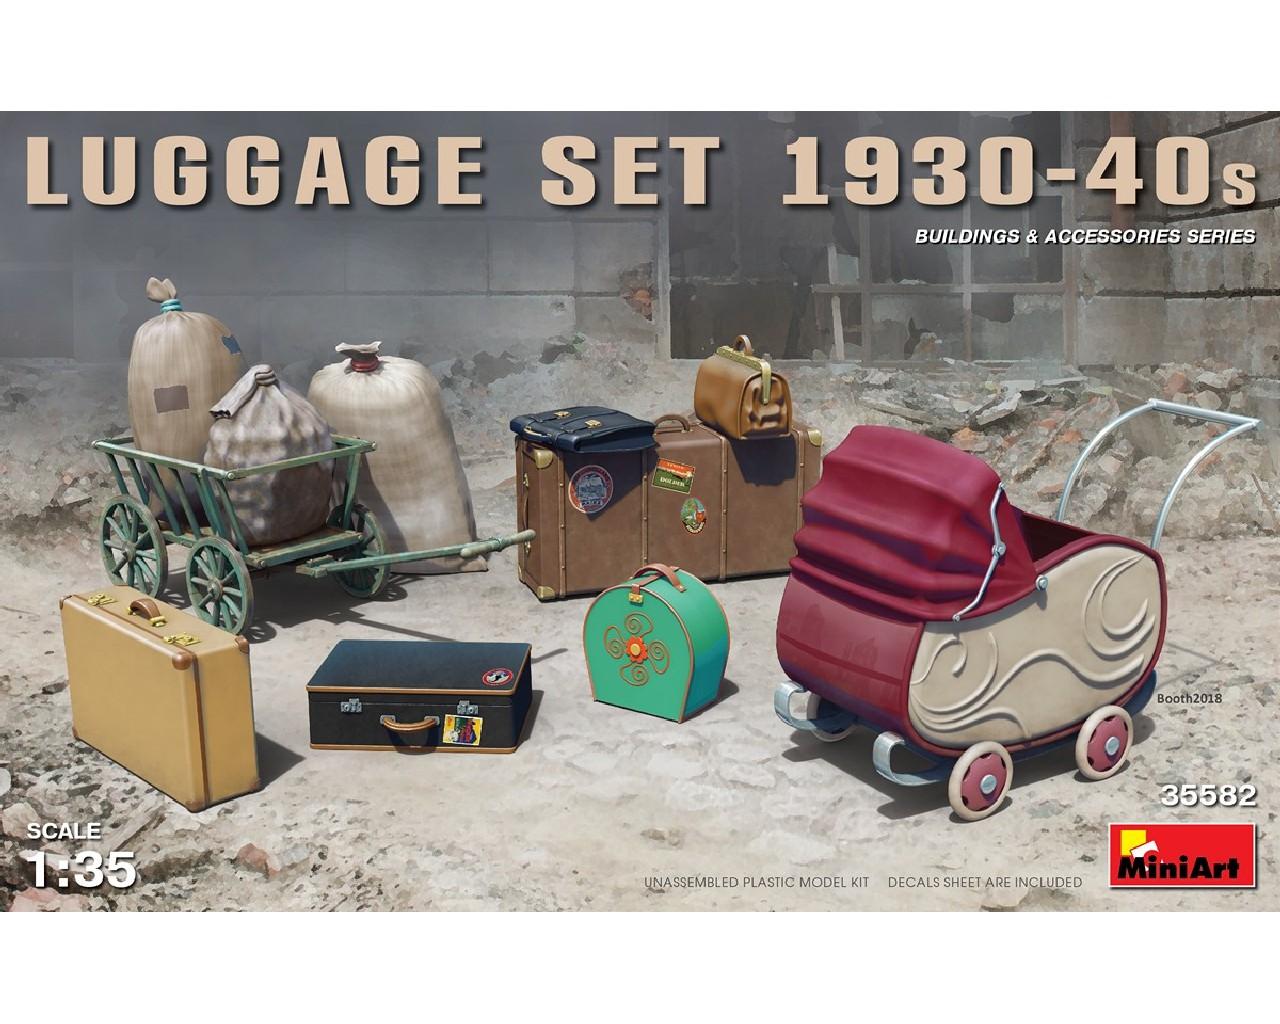 1/35 Luggage Set 1930-40s